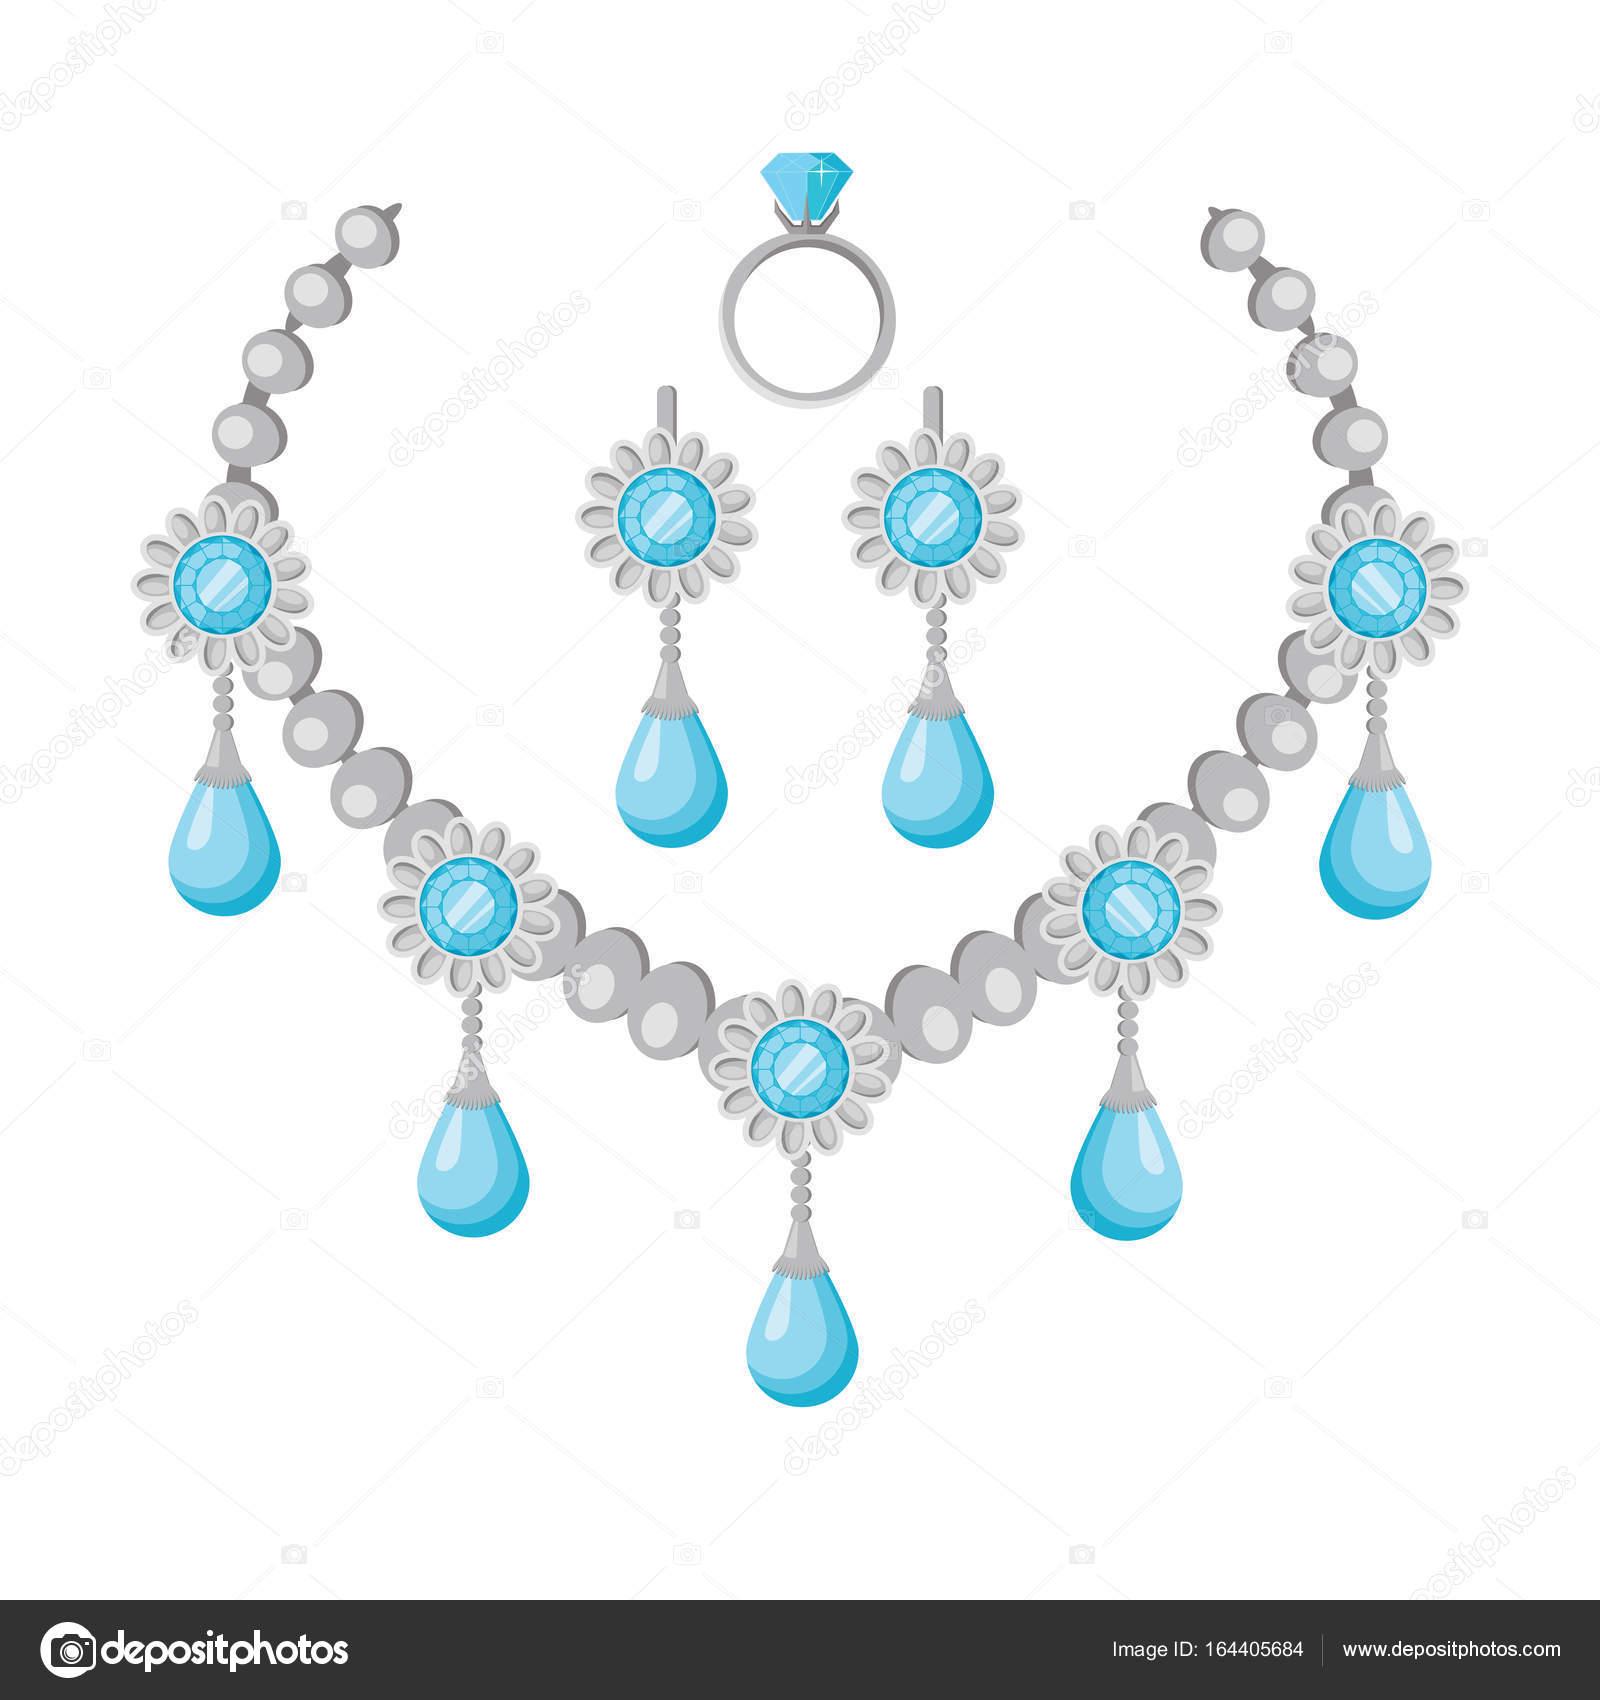 8b89864f3709 Collar de piedras preciosas vector diseño plano. Hermosa joyería con gemas.  Regalo romántico aniversario. Ilustración para la joyería tienda publicidad.